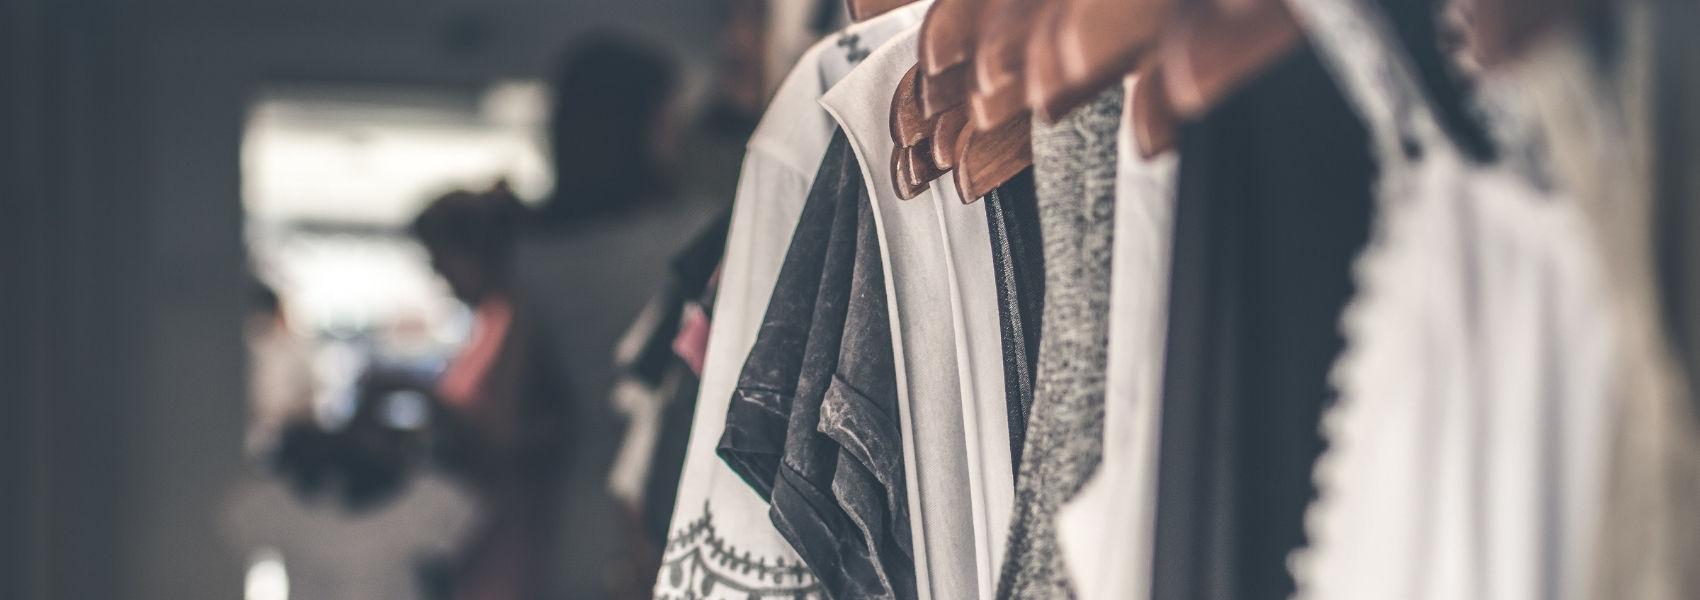 riscos na roupa